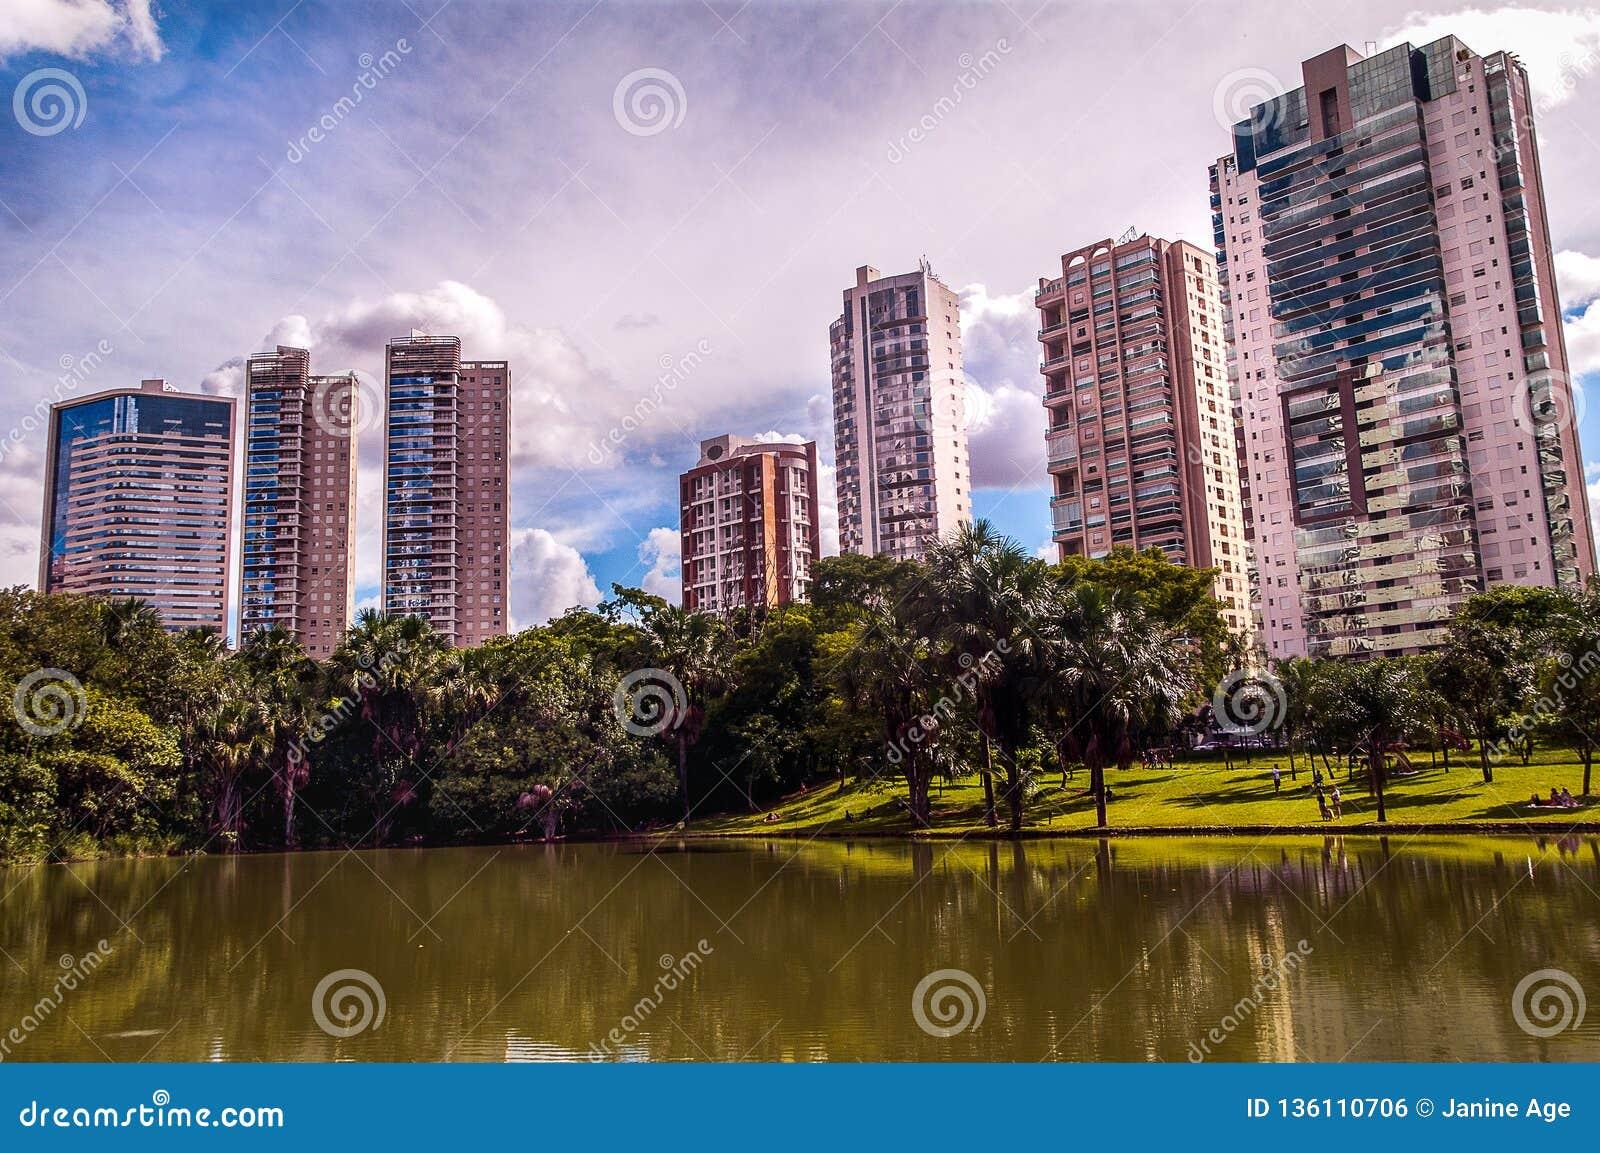 Άποψη της πόλης, του σύγχρονου κτηρίου μεταξύ του ουρανού και μιας λίμνης